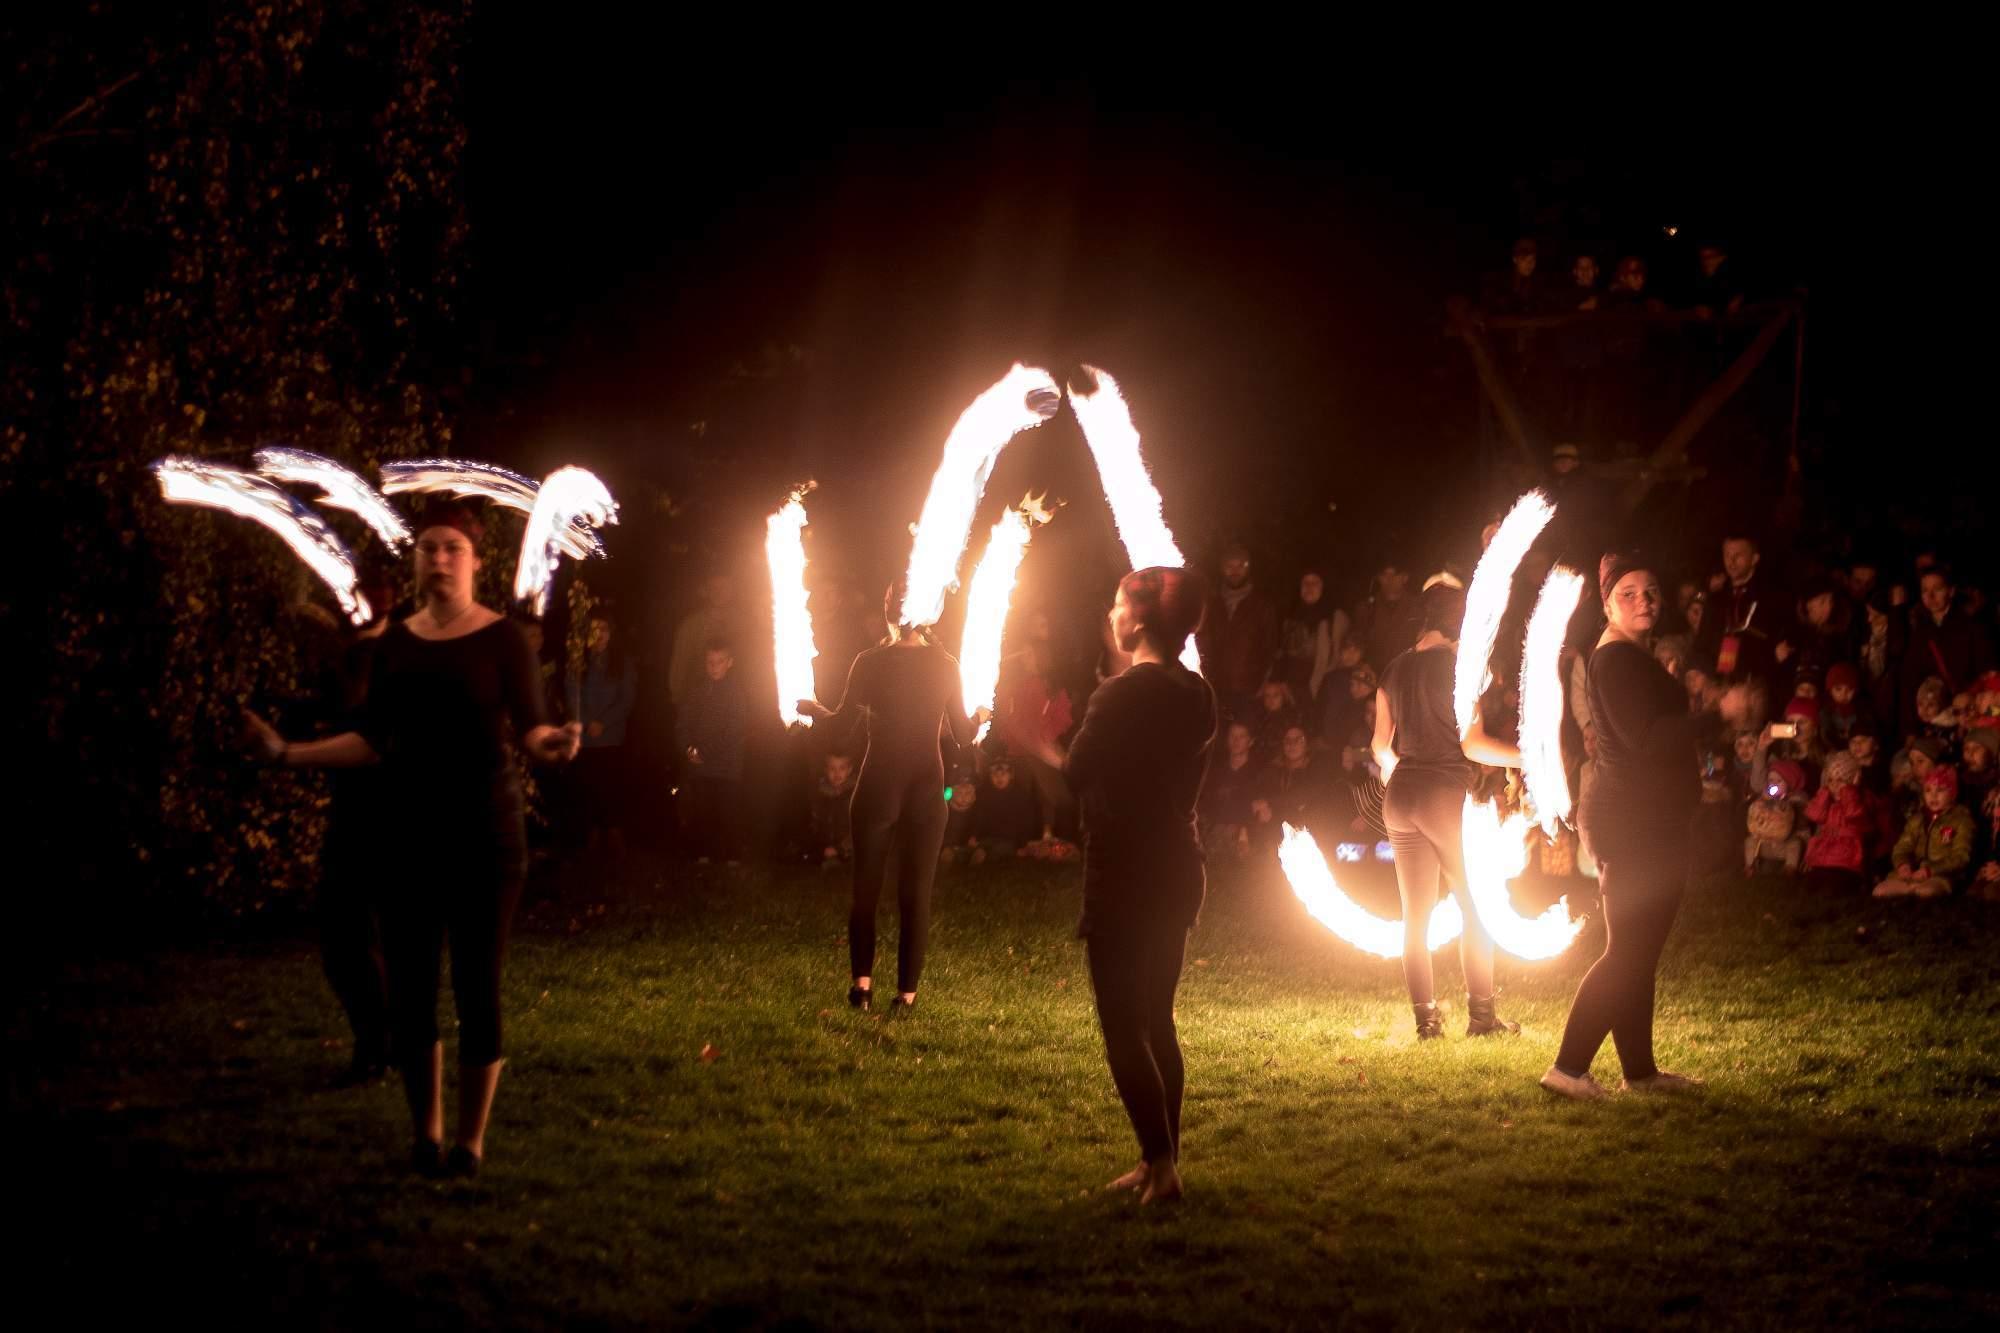 Na vystoupení žonglérů s ohněm se mnoho lidí těšilo a nebyli zklamáni. Foto: Kristýna Čermáková